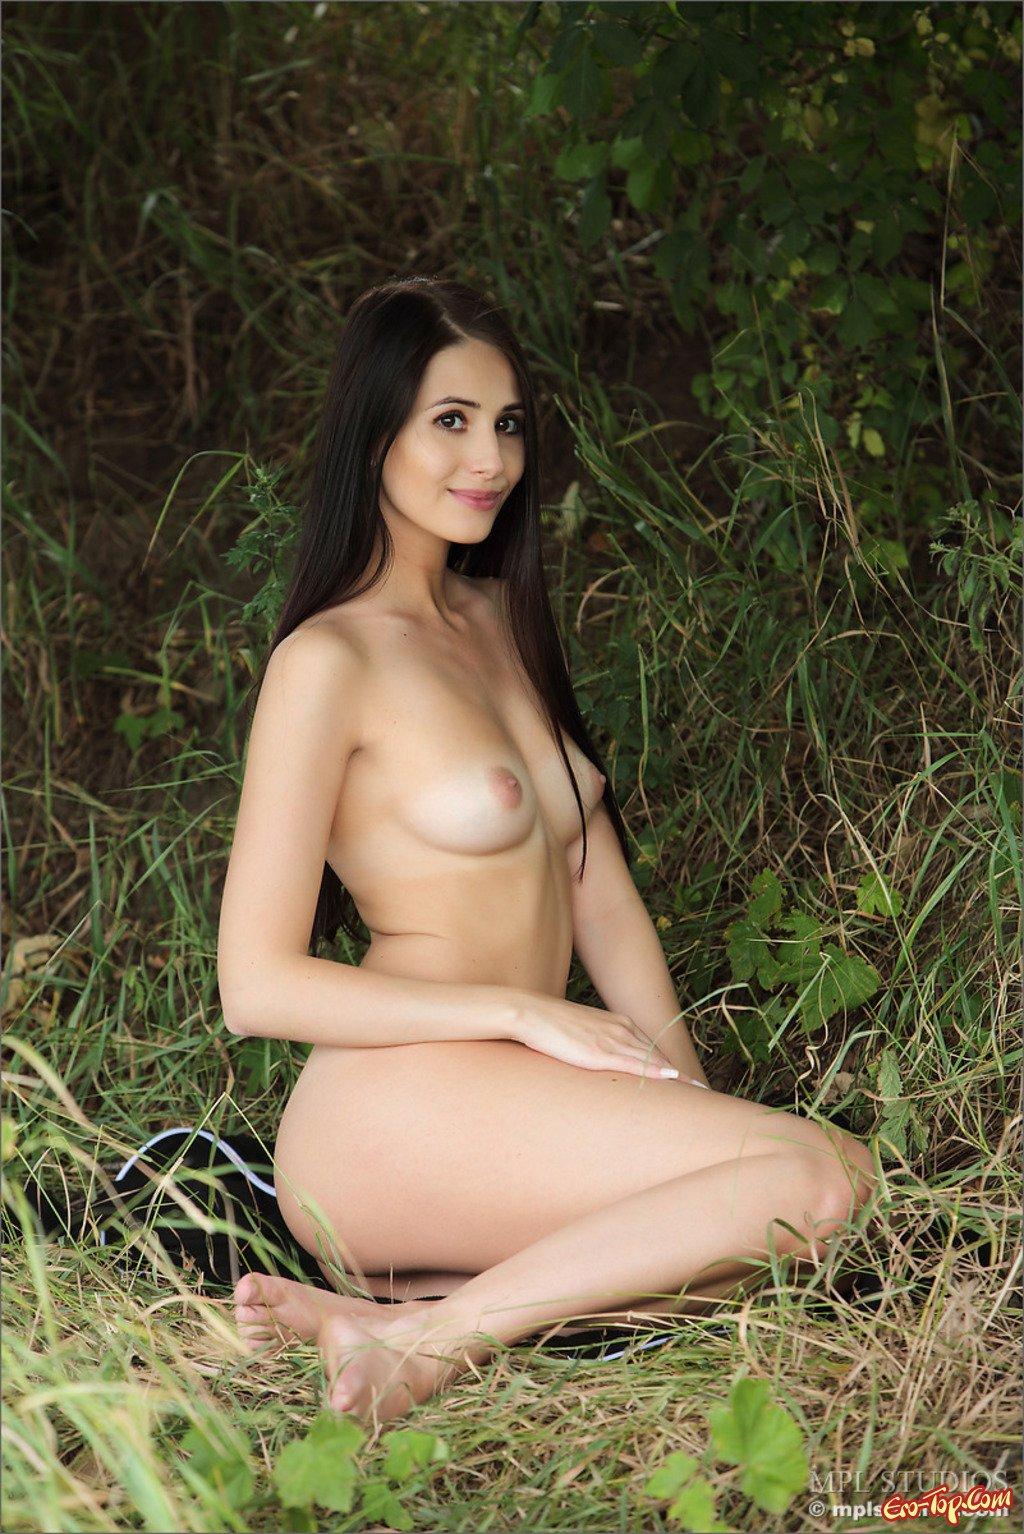 Обнаженная девка в саду смотреть эротику